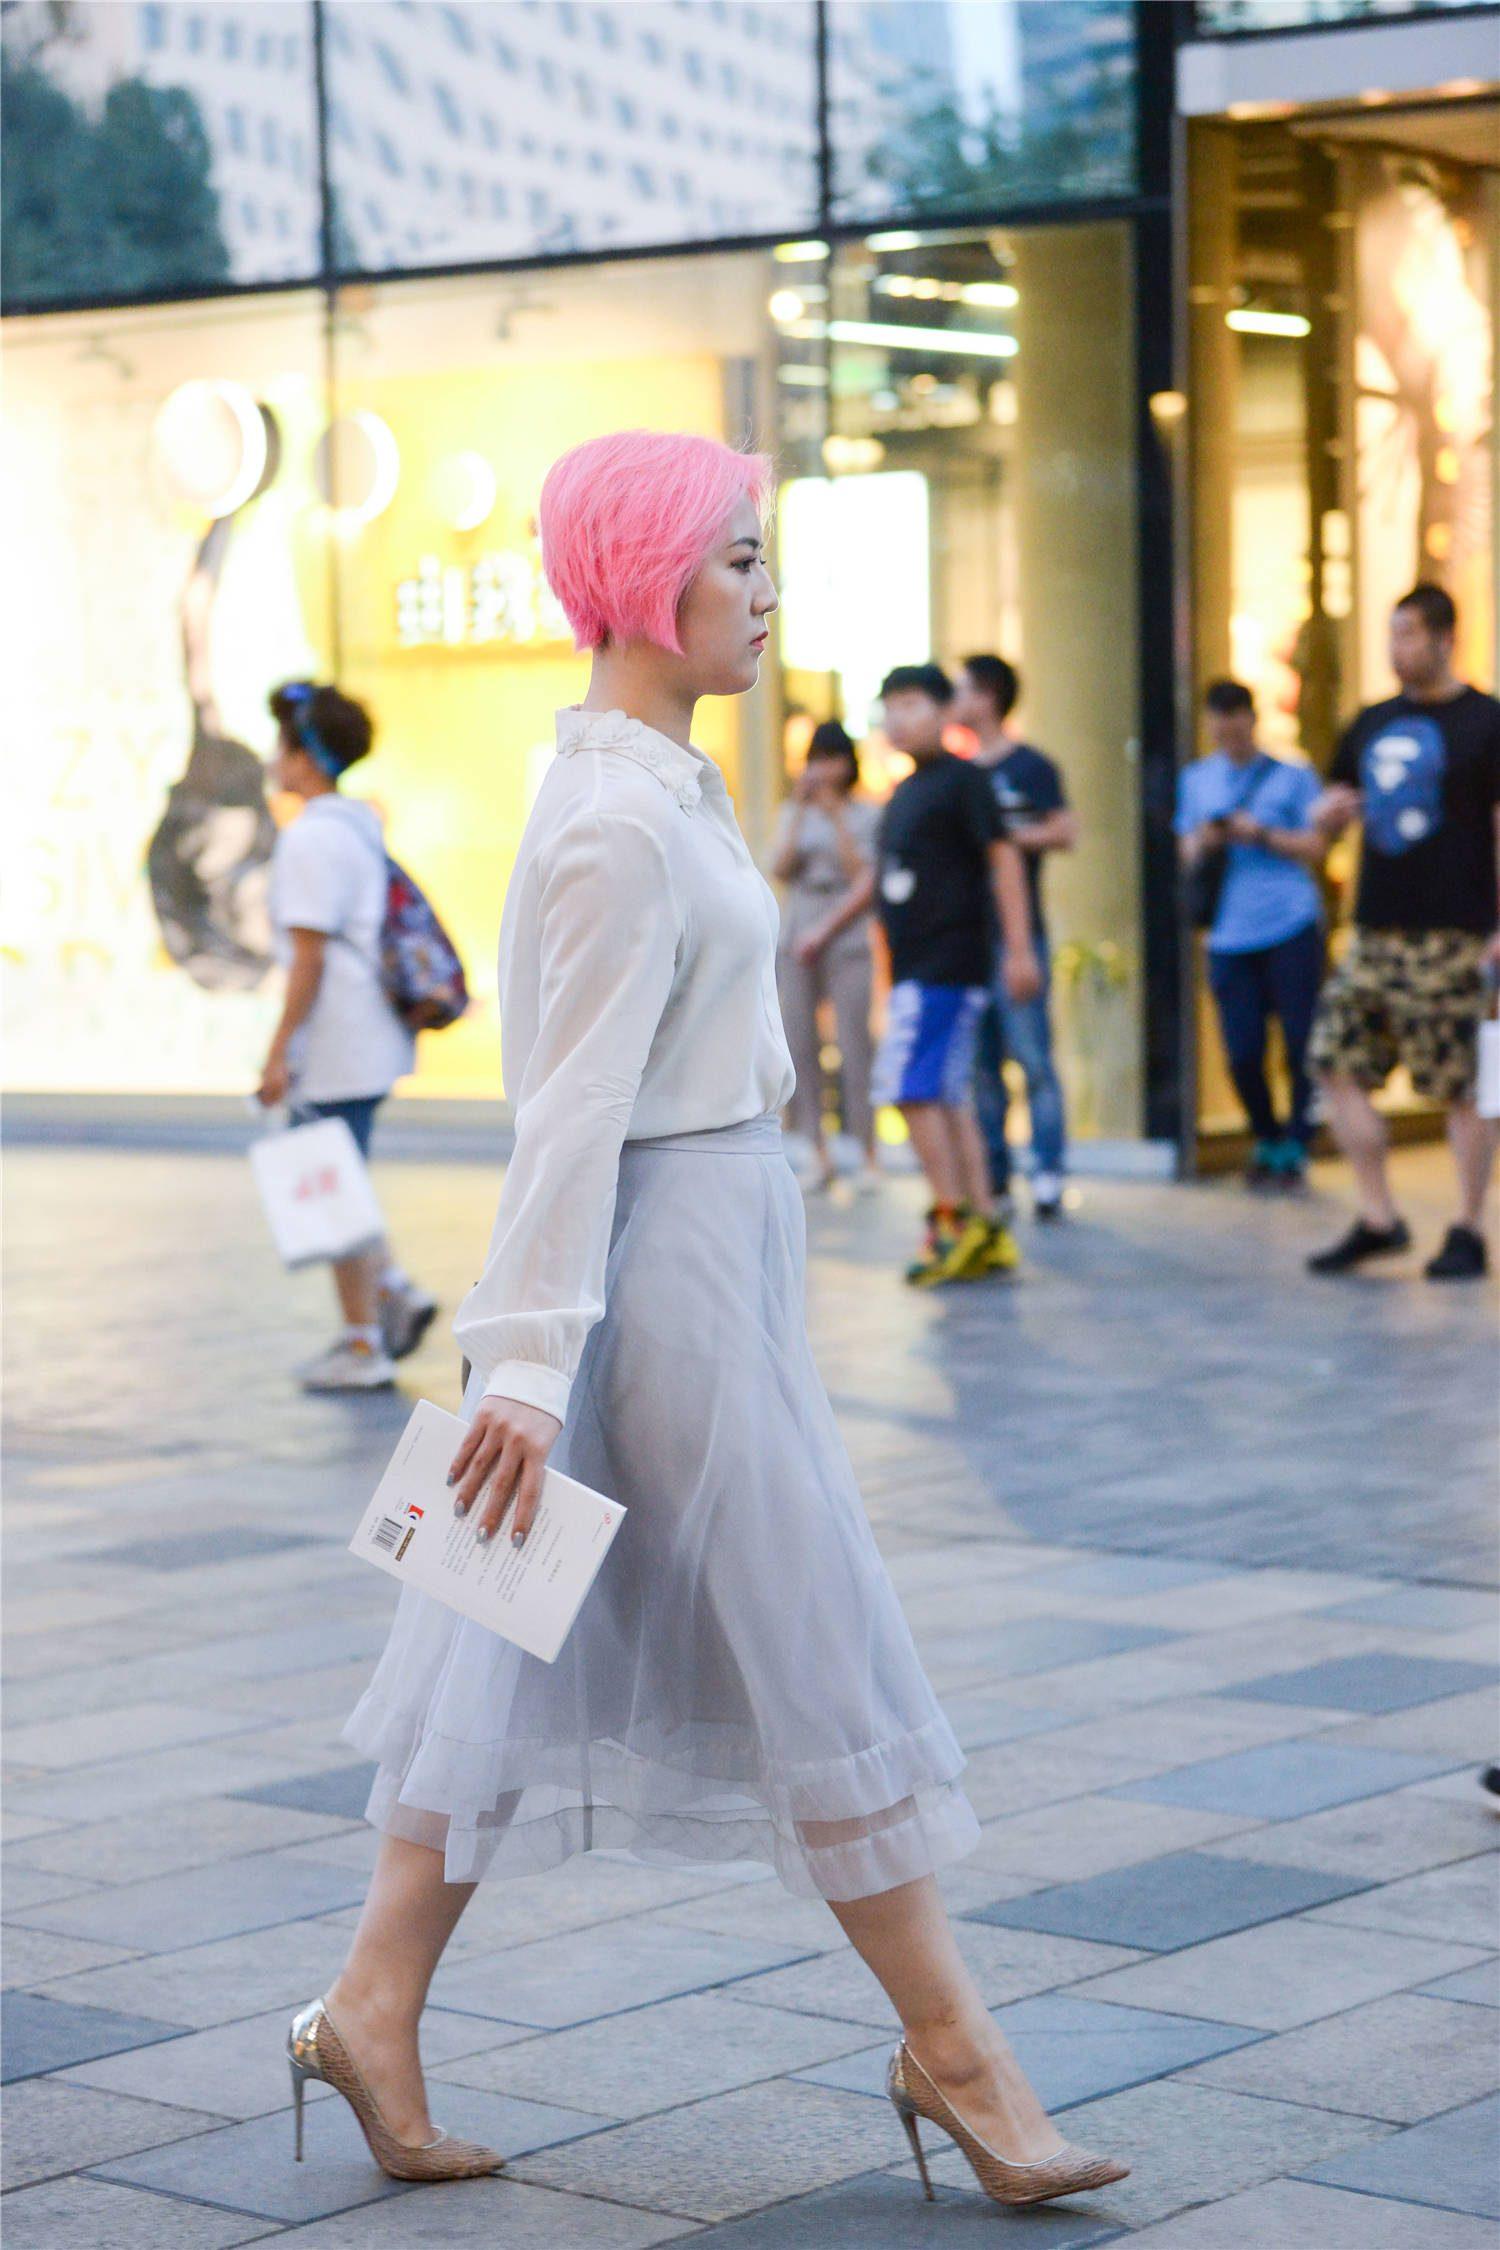 粉红色短发的美女,灰色纱裙搭配10厘米的尖头细跟鞋,时尚显气质